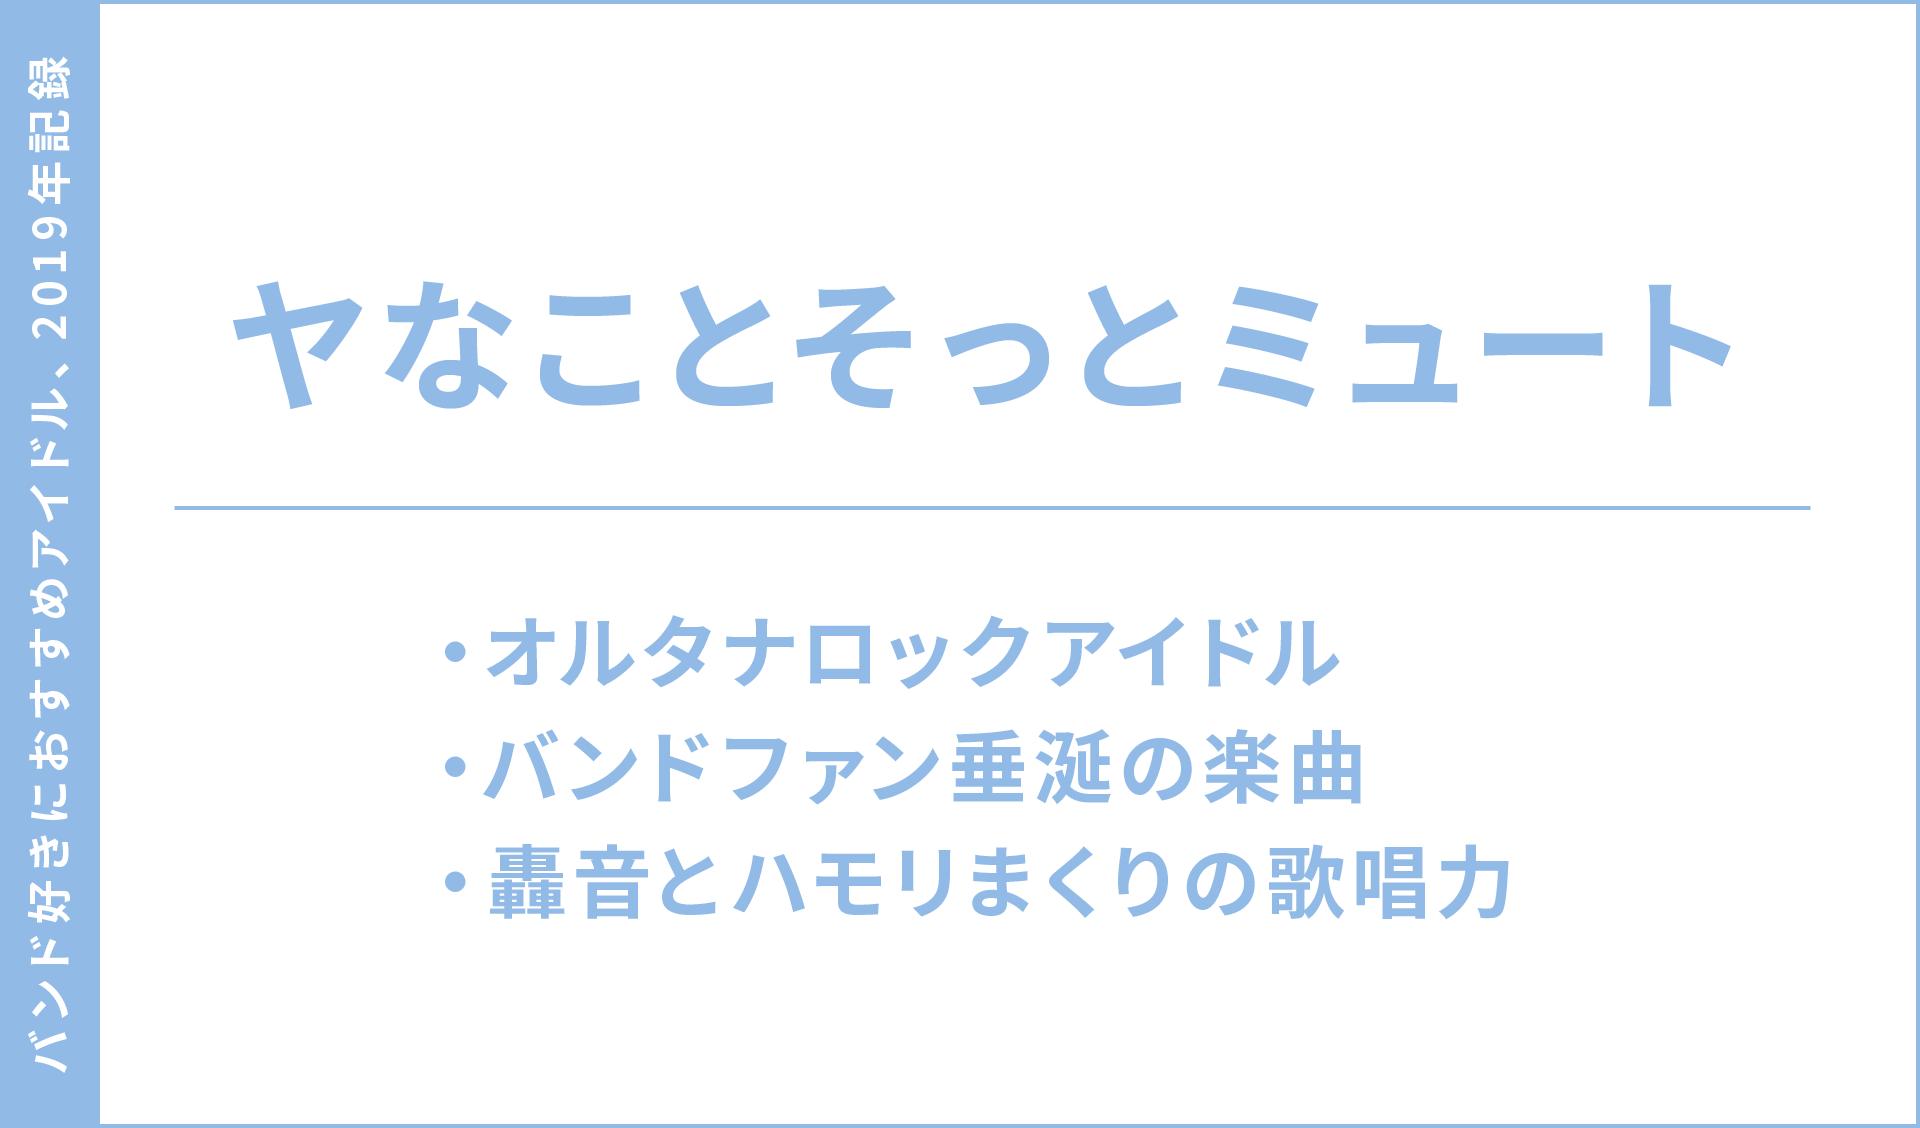 おすすめアイドル2019年記録 - ヤなことそっとミュート